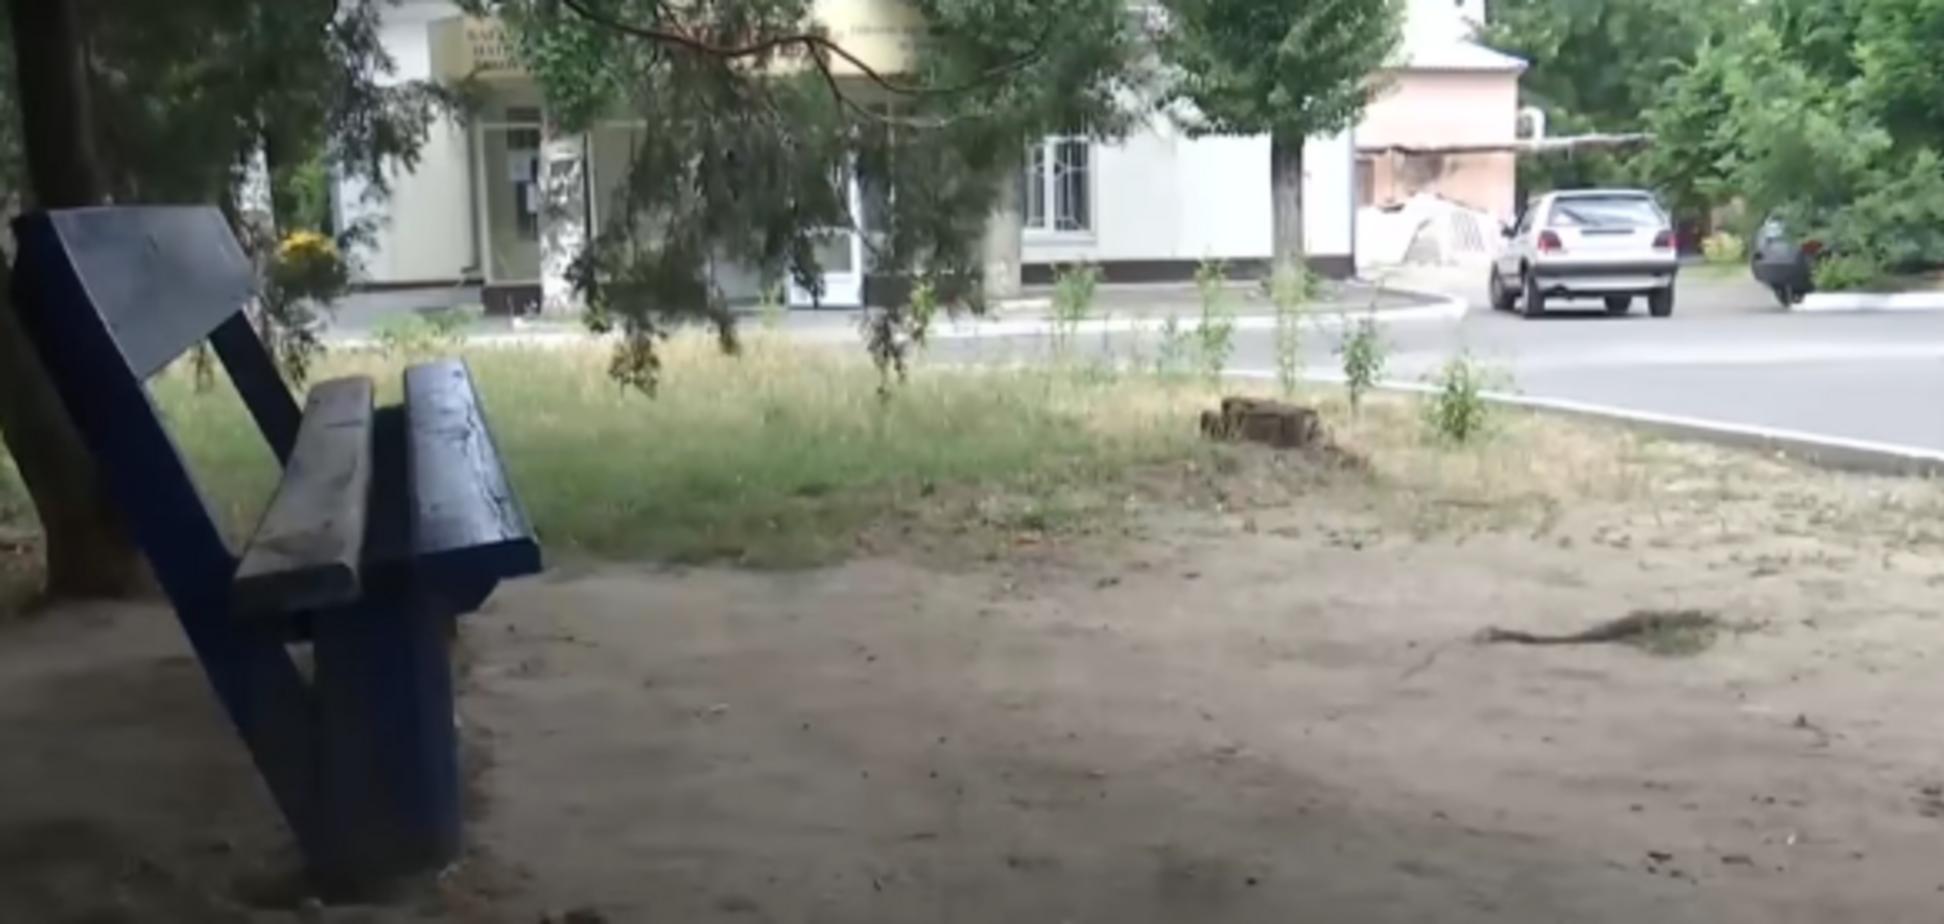 Люди мовчки спостерігали: в Миколаєві п'яний пацієнт по-звірячому вбив чоловіка